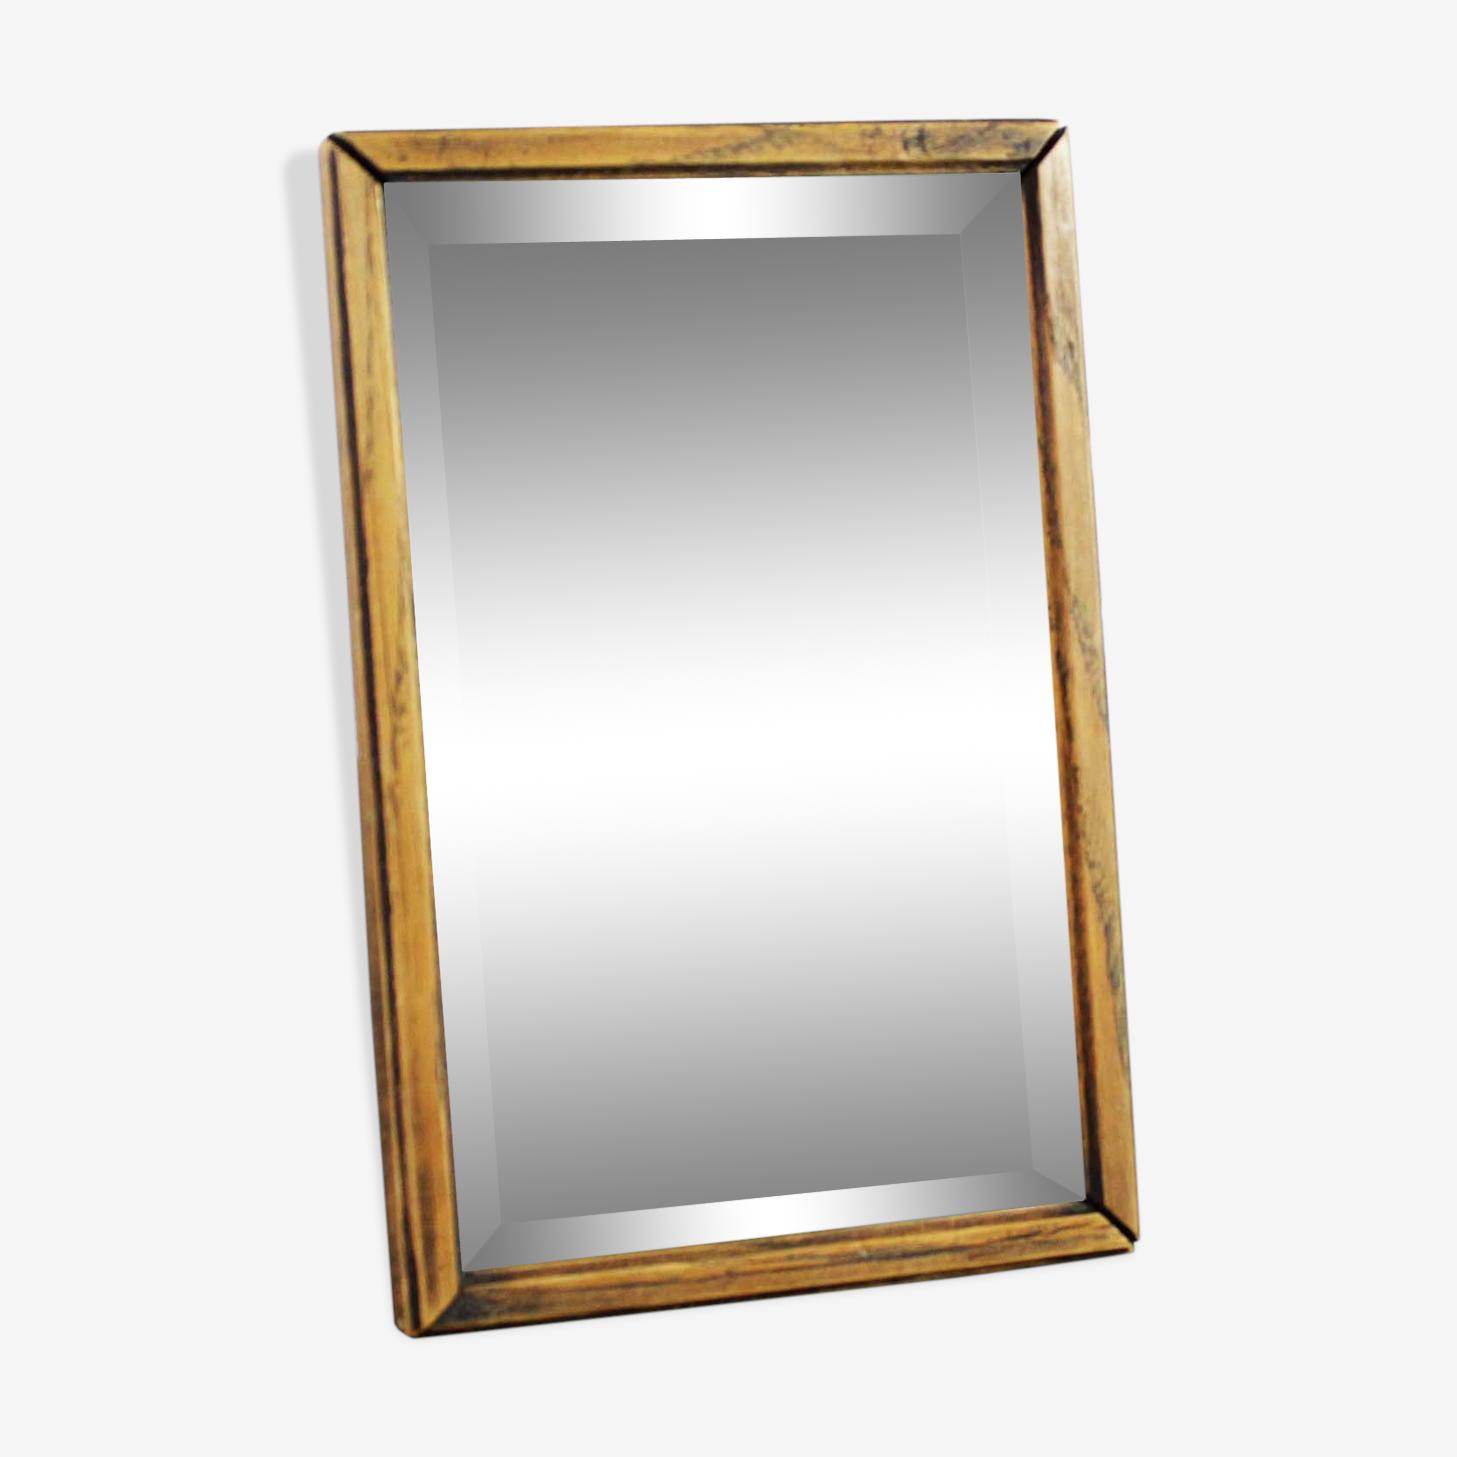 Miroir de barbier biseauté années 20 18x12cm